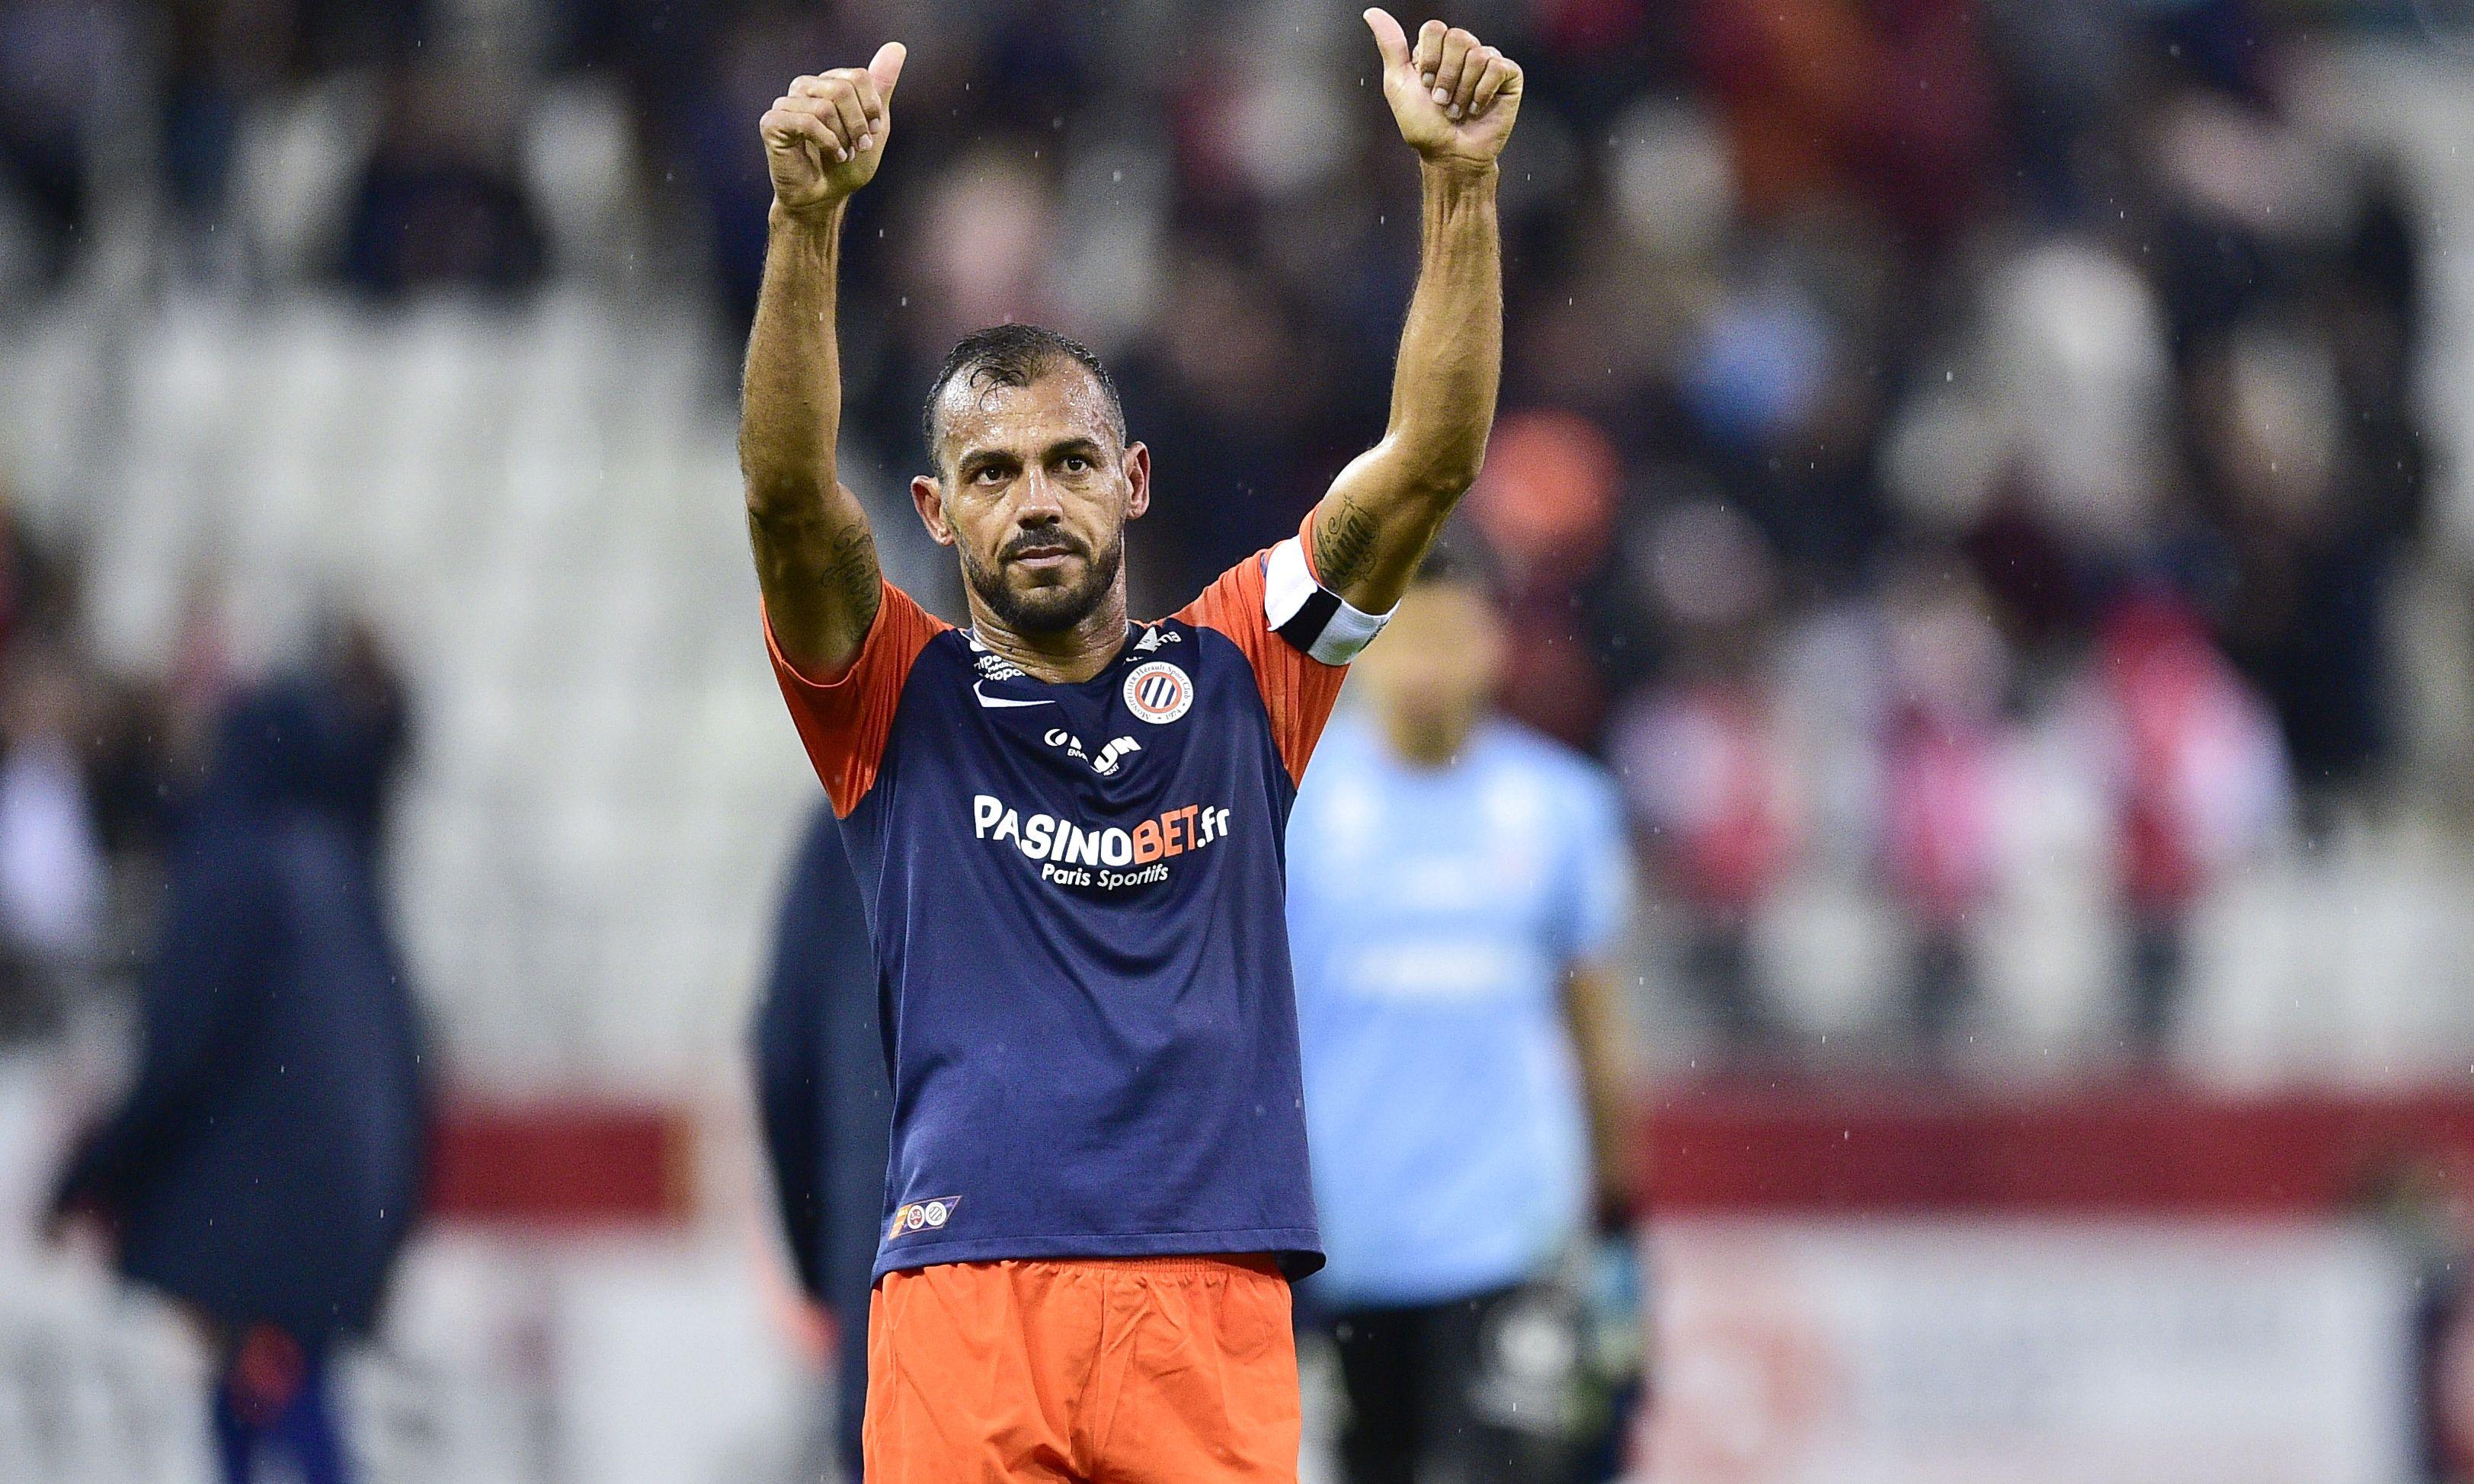 Football - Ligue 1 - Montpellier : Hilton, l'histoire sans fin du doyen de la Ligue 1